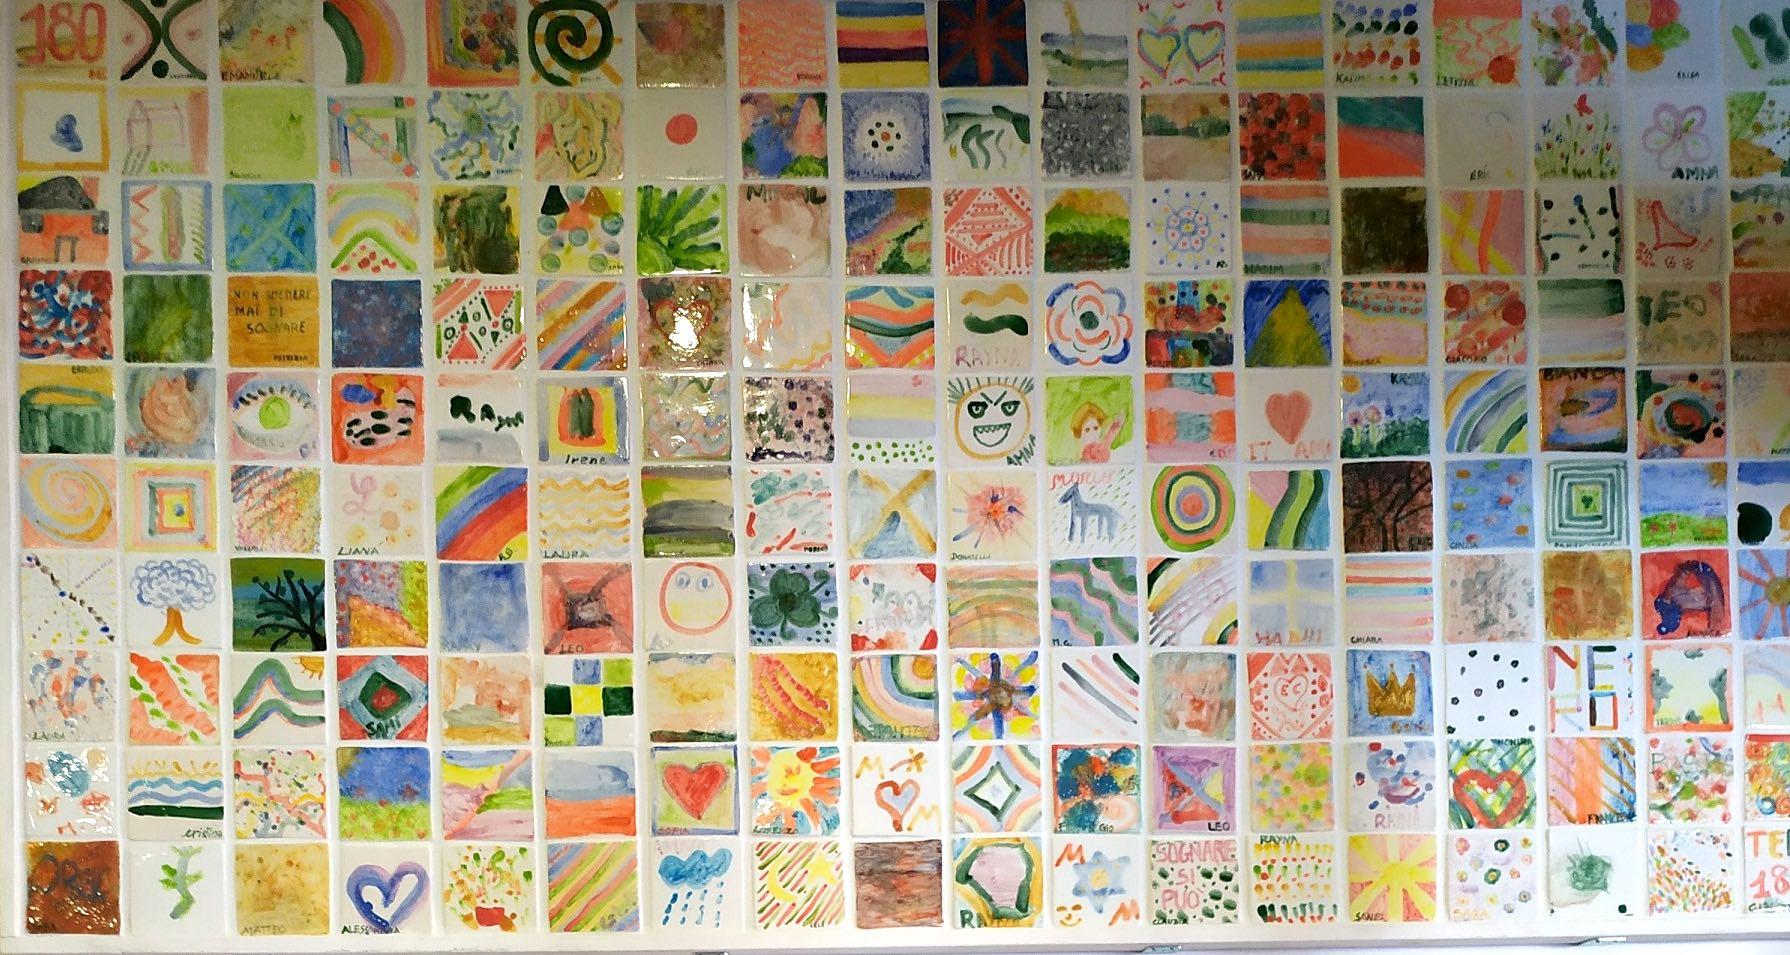 Un mosaico di 180 piastrelle in ceramica per celebrare i 40 anni della Legge Basaglia